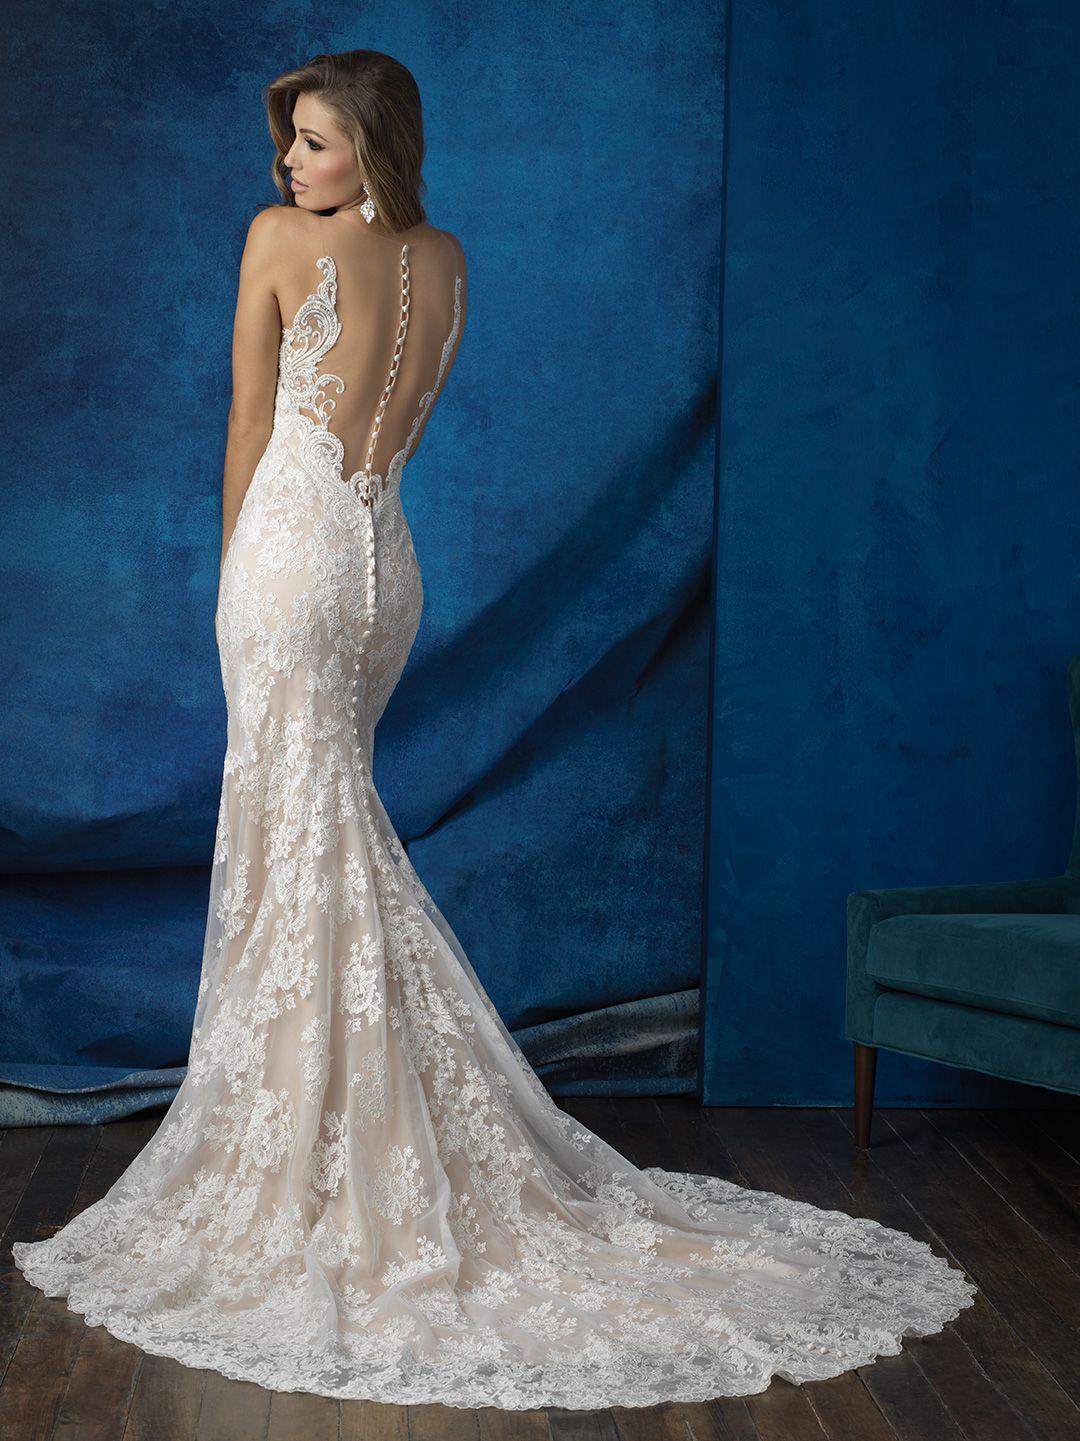 f052a2fec Vestido de novia Espalda transparencia - Alquiler y Venta de Vestidos de  Novia en Cali - Maribel Arango Novias - Separa tu Cita con Nuestras Asesoras